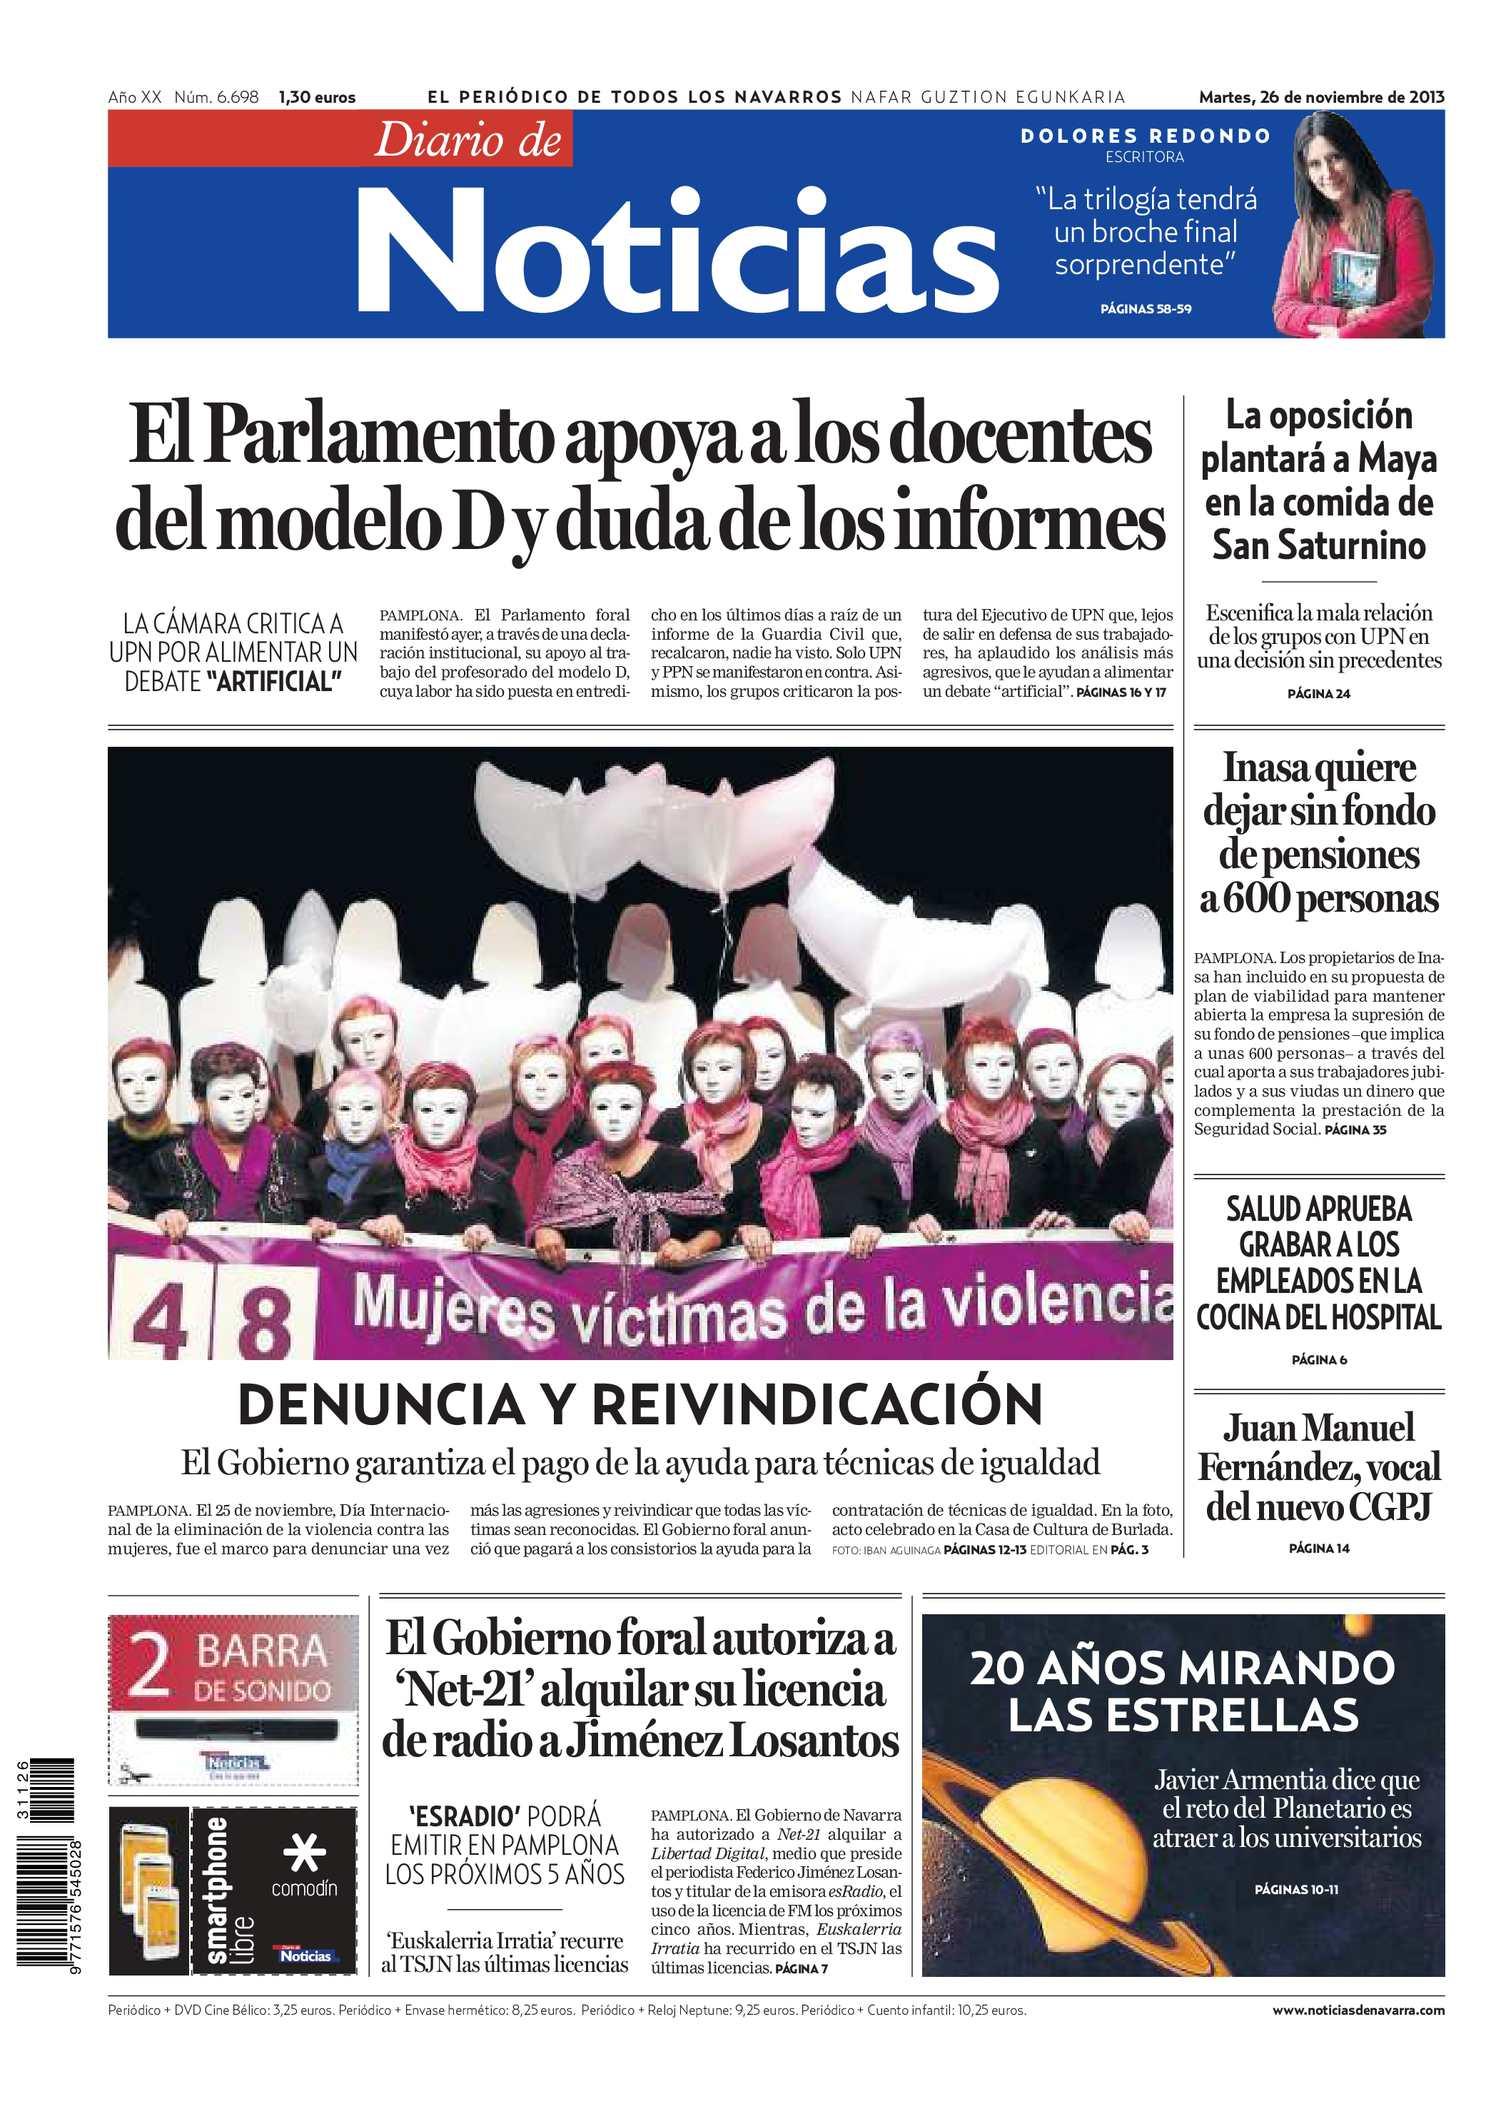 Calaméo - Diario de Noticias 20131126